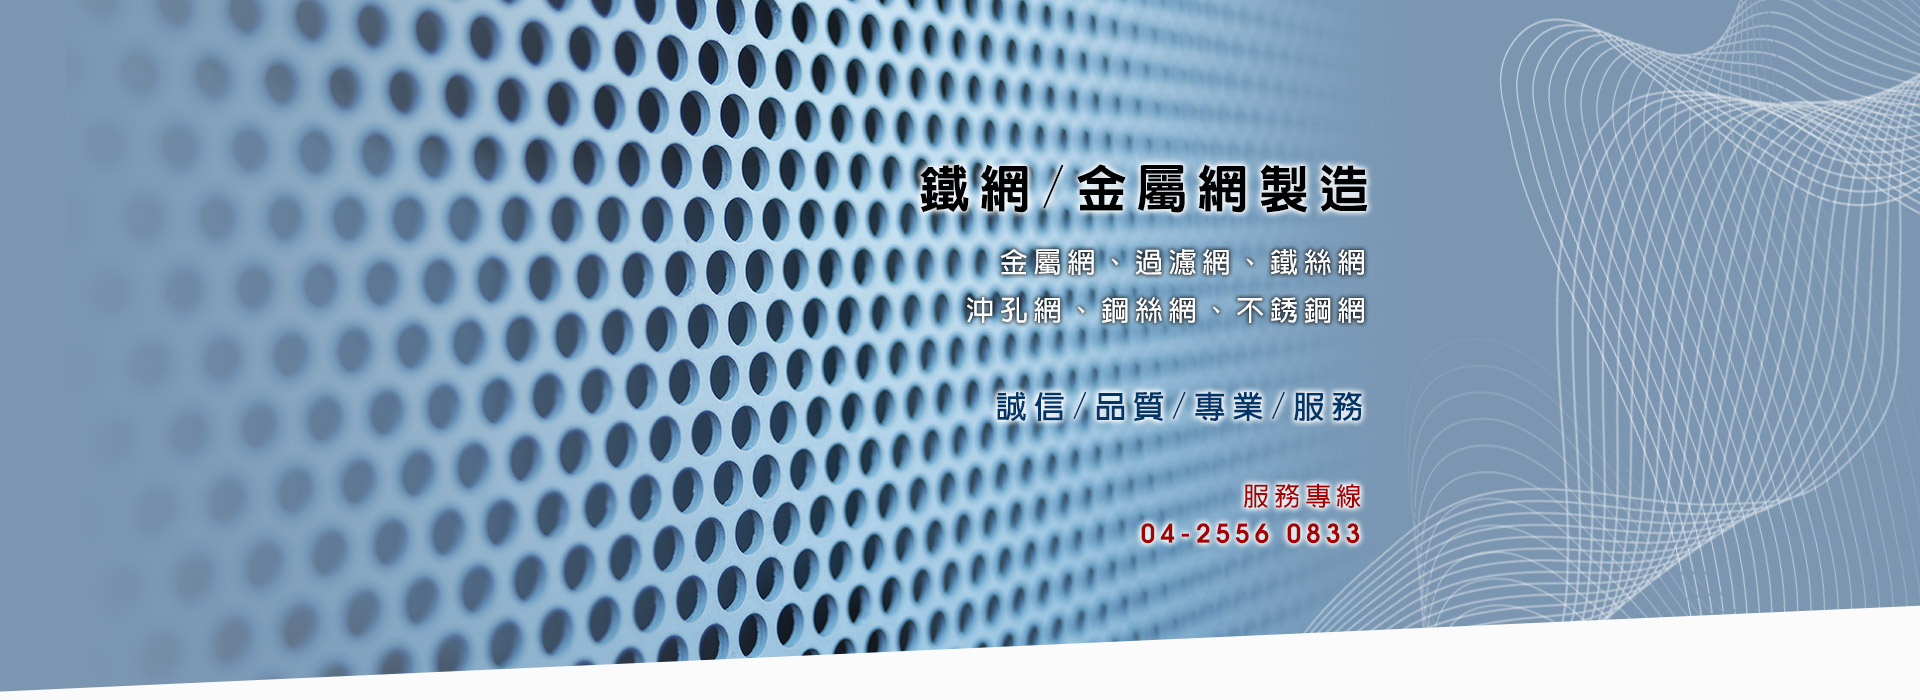 寶島鐵網工廠股份有限公司